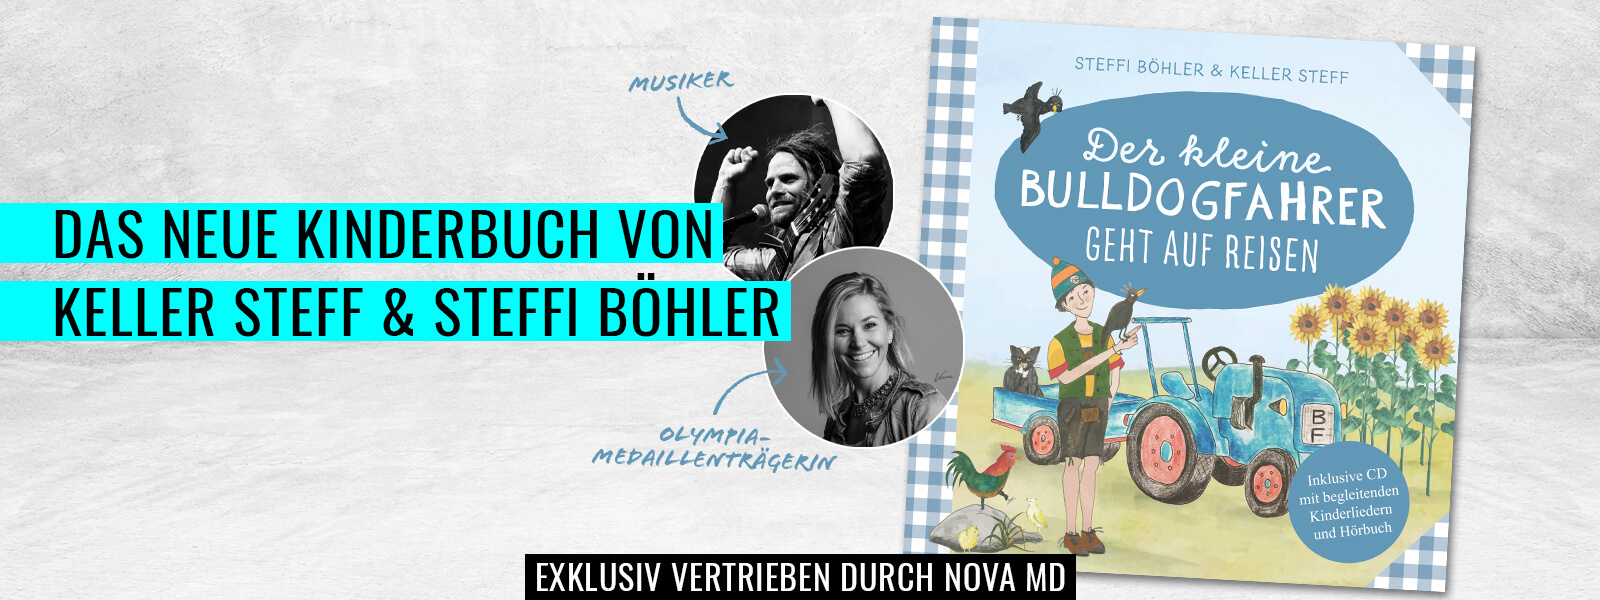 das neue Kinderbuch von Musiker Keller Steff und Olympiamedaillenträgerin Steffi Böhler